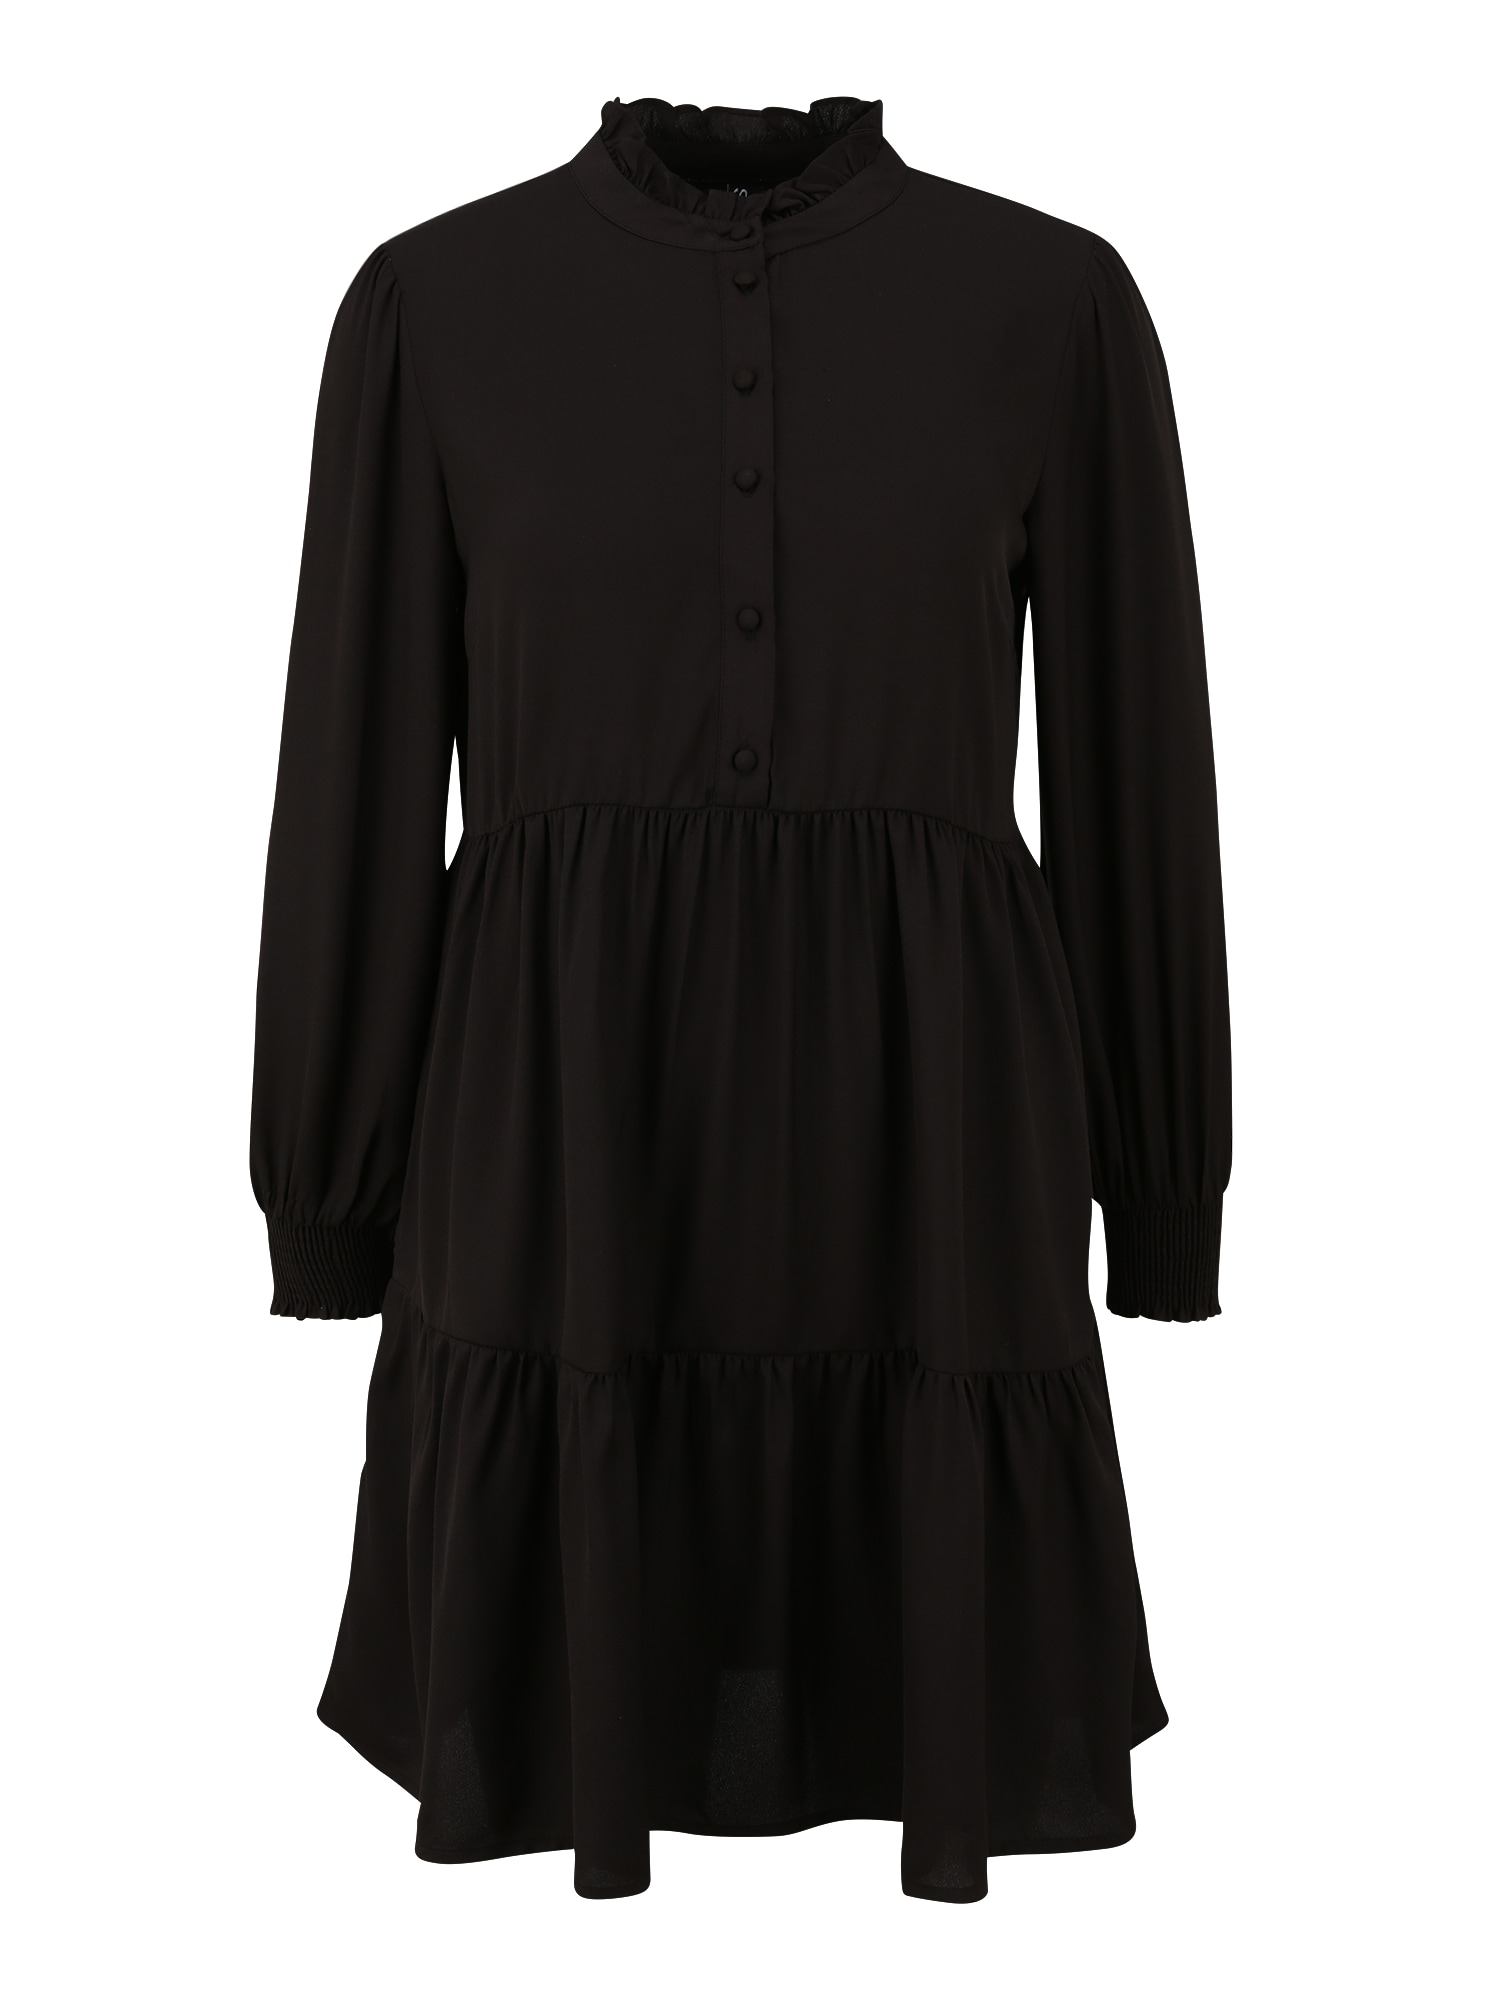 Pieces (Petite) Palaidinės tipo suknelė juoda